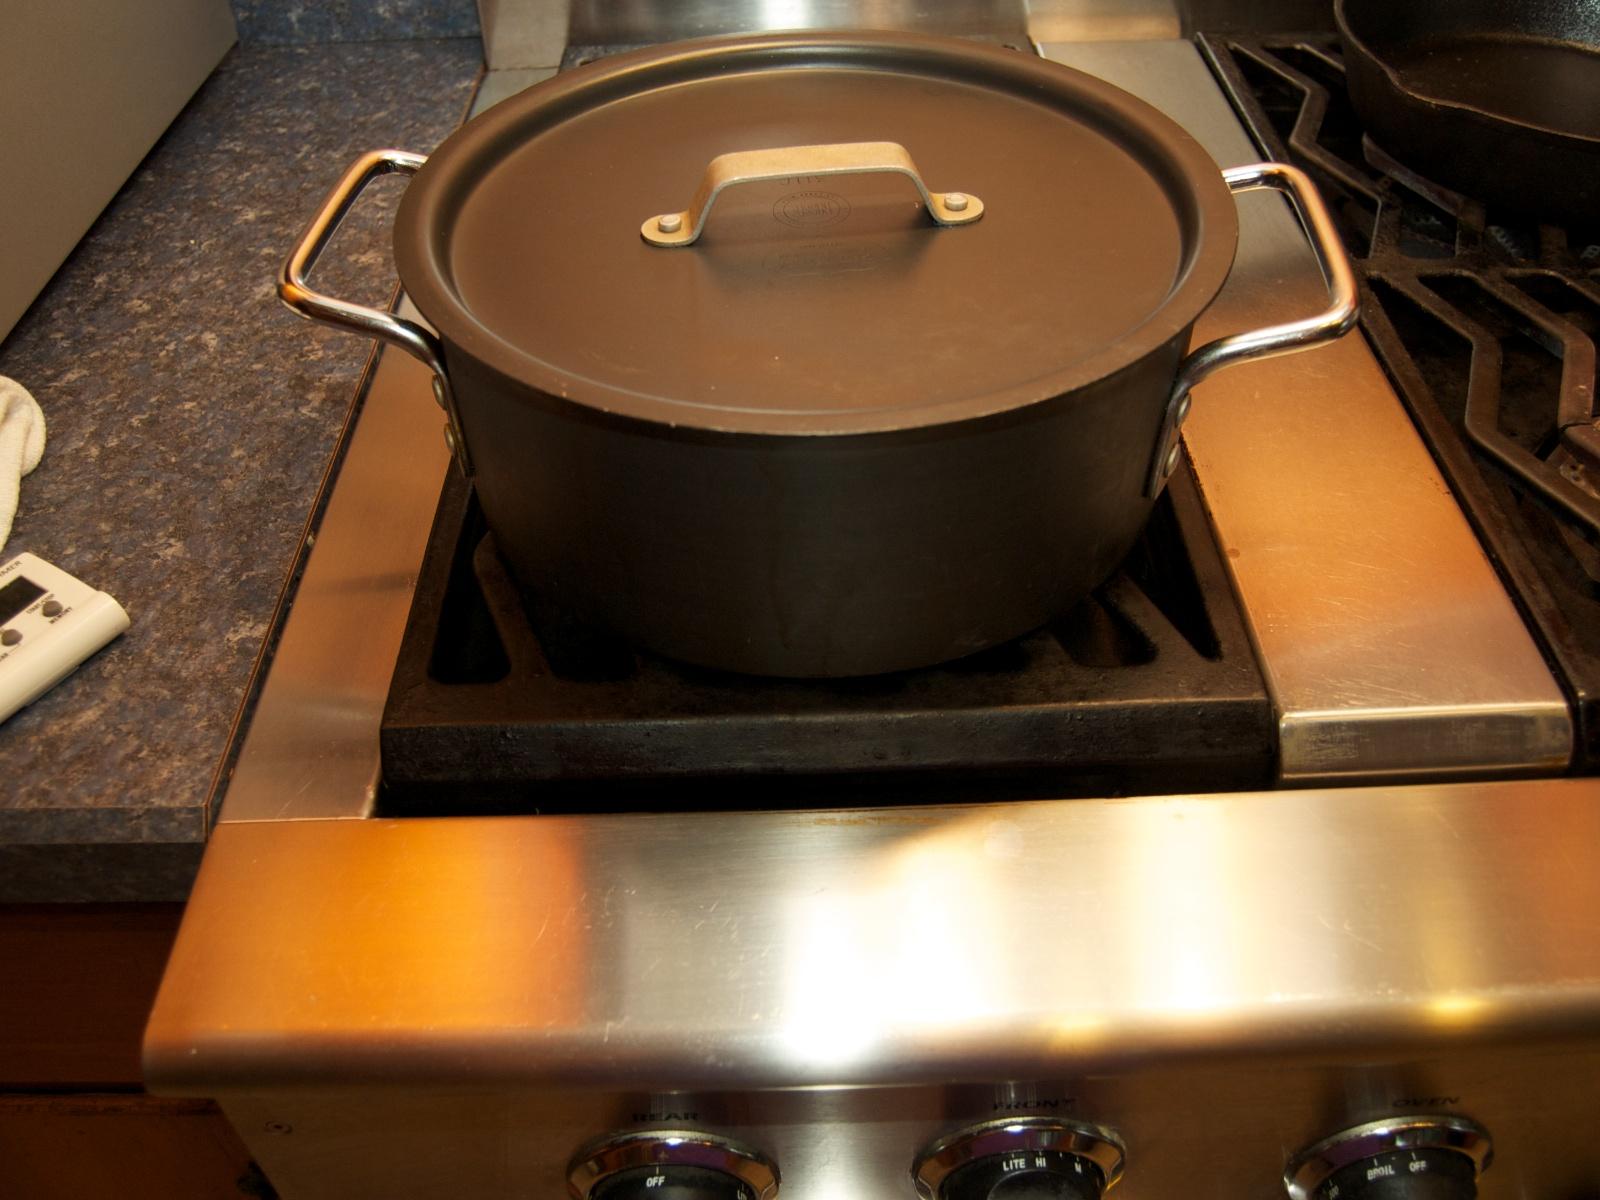 http://blog.rickk.com/food/2011/07/08/boil1.jpg